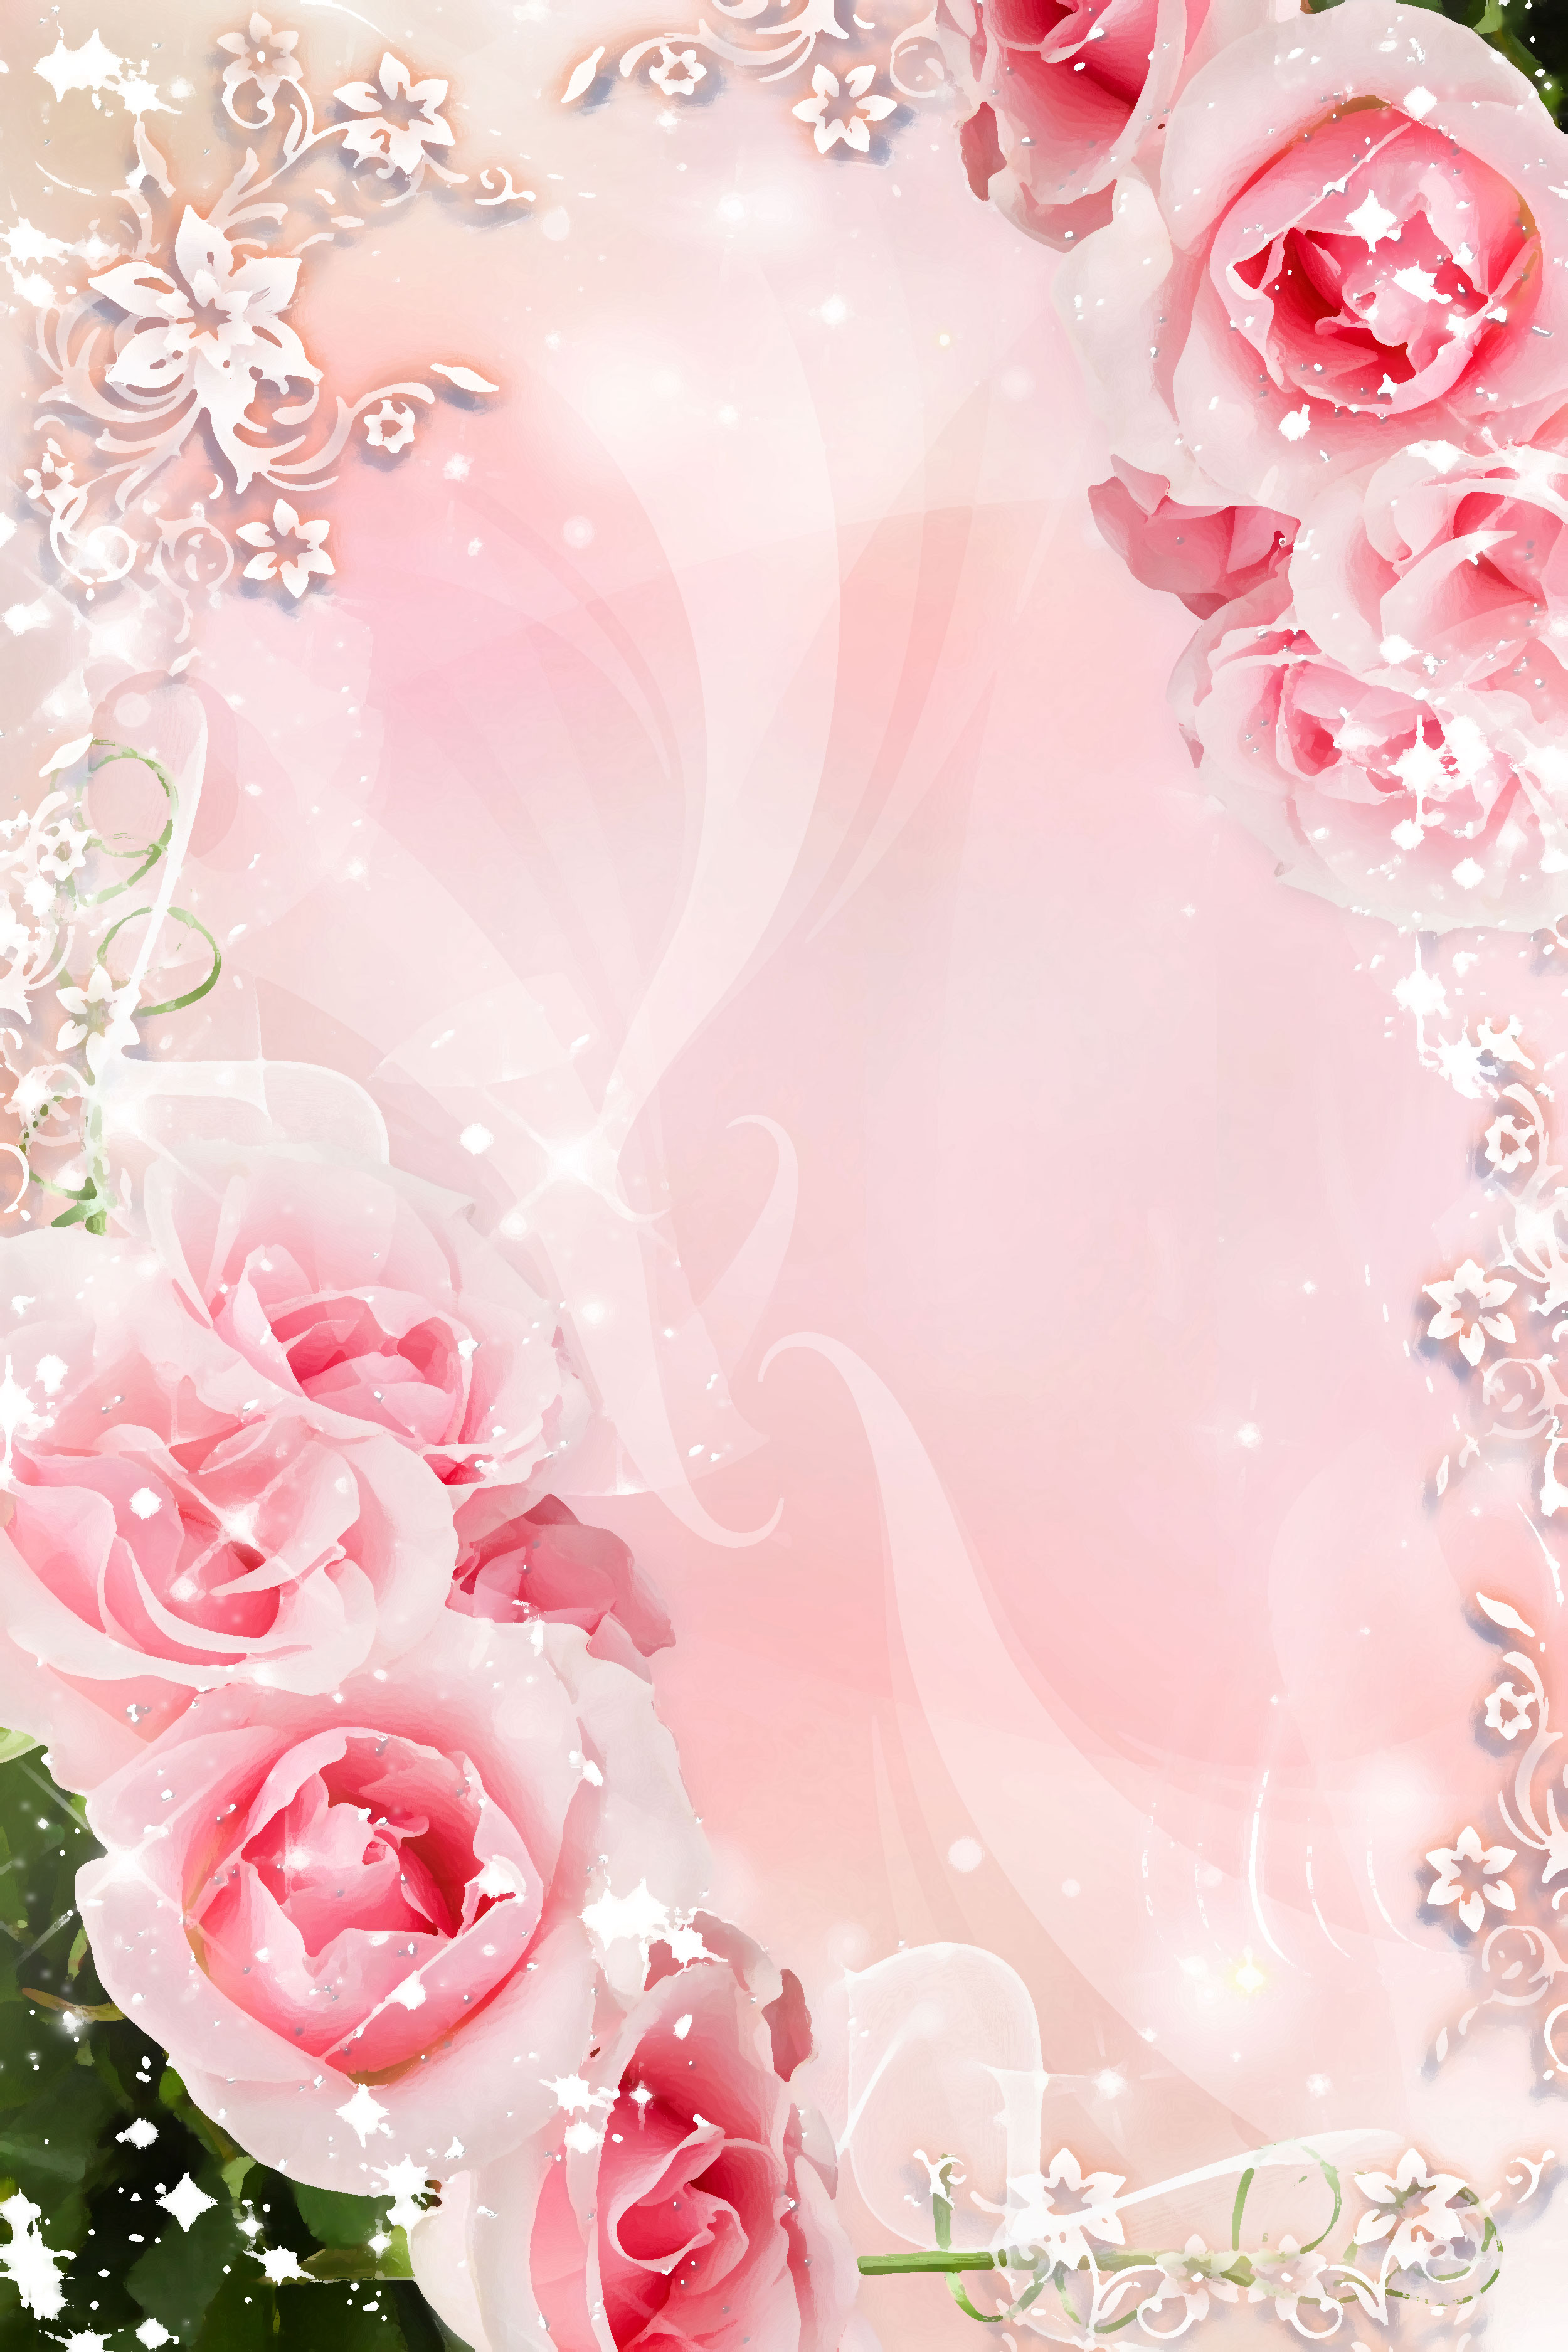 バラの画像 イラスト 壁紙 背景用 No 620 ピンク バラ